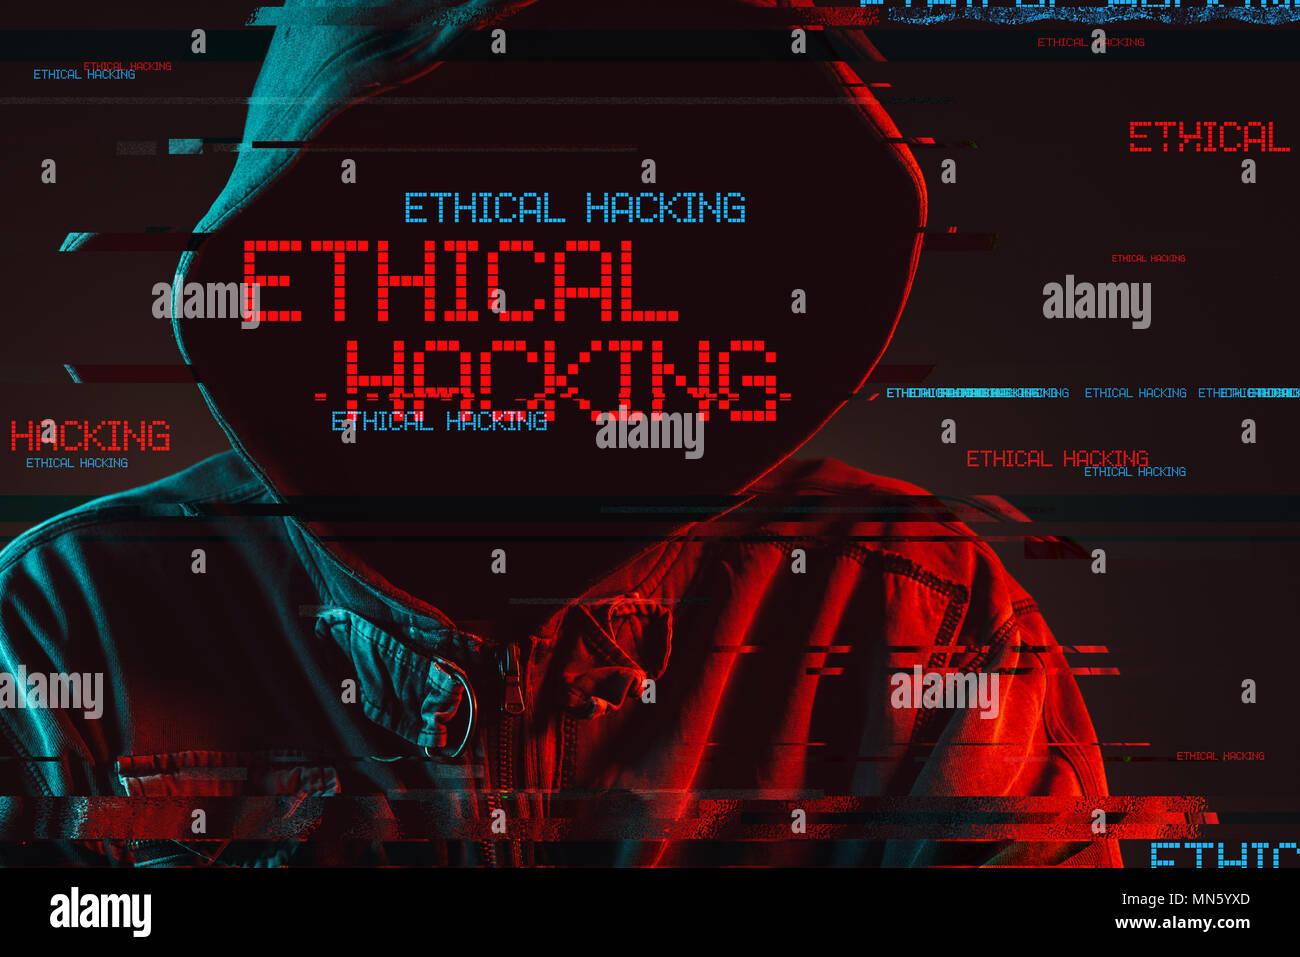 Piratage Éthique concept avec capuche Homme sans visage, les rouge et bleu allumé image et effet glitch numérique Photo Stock